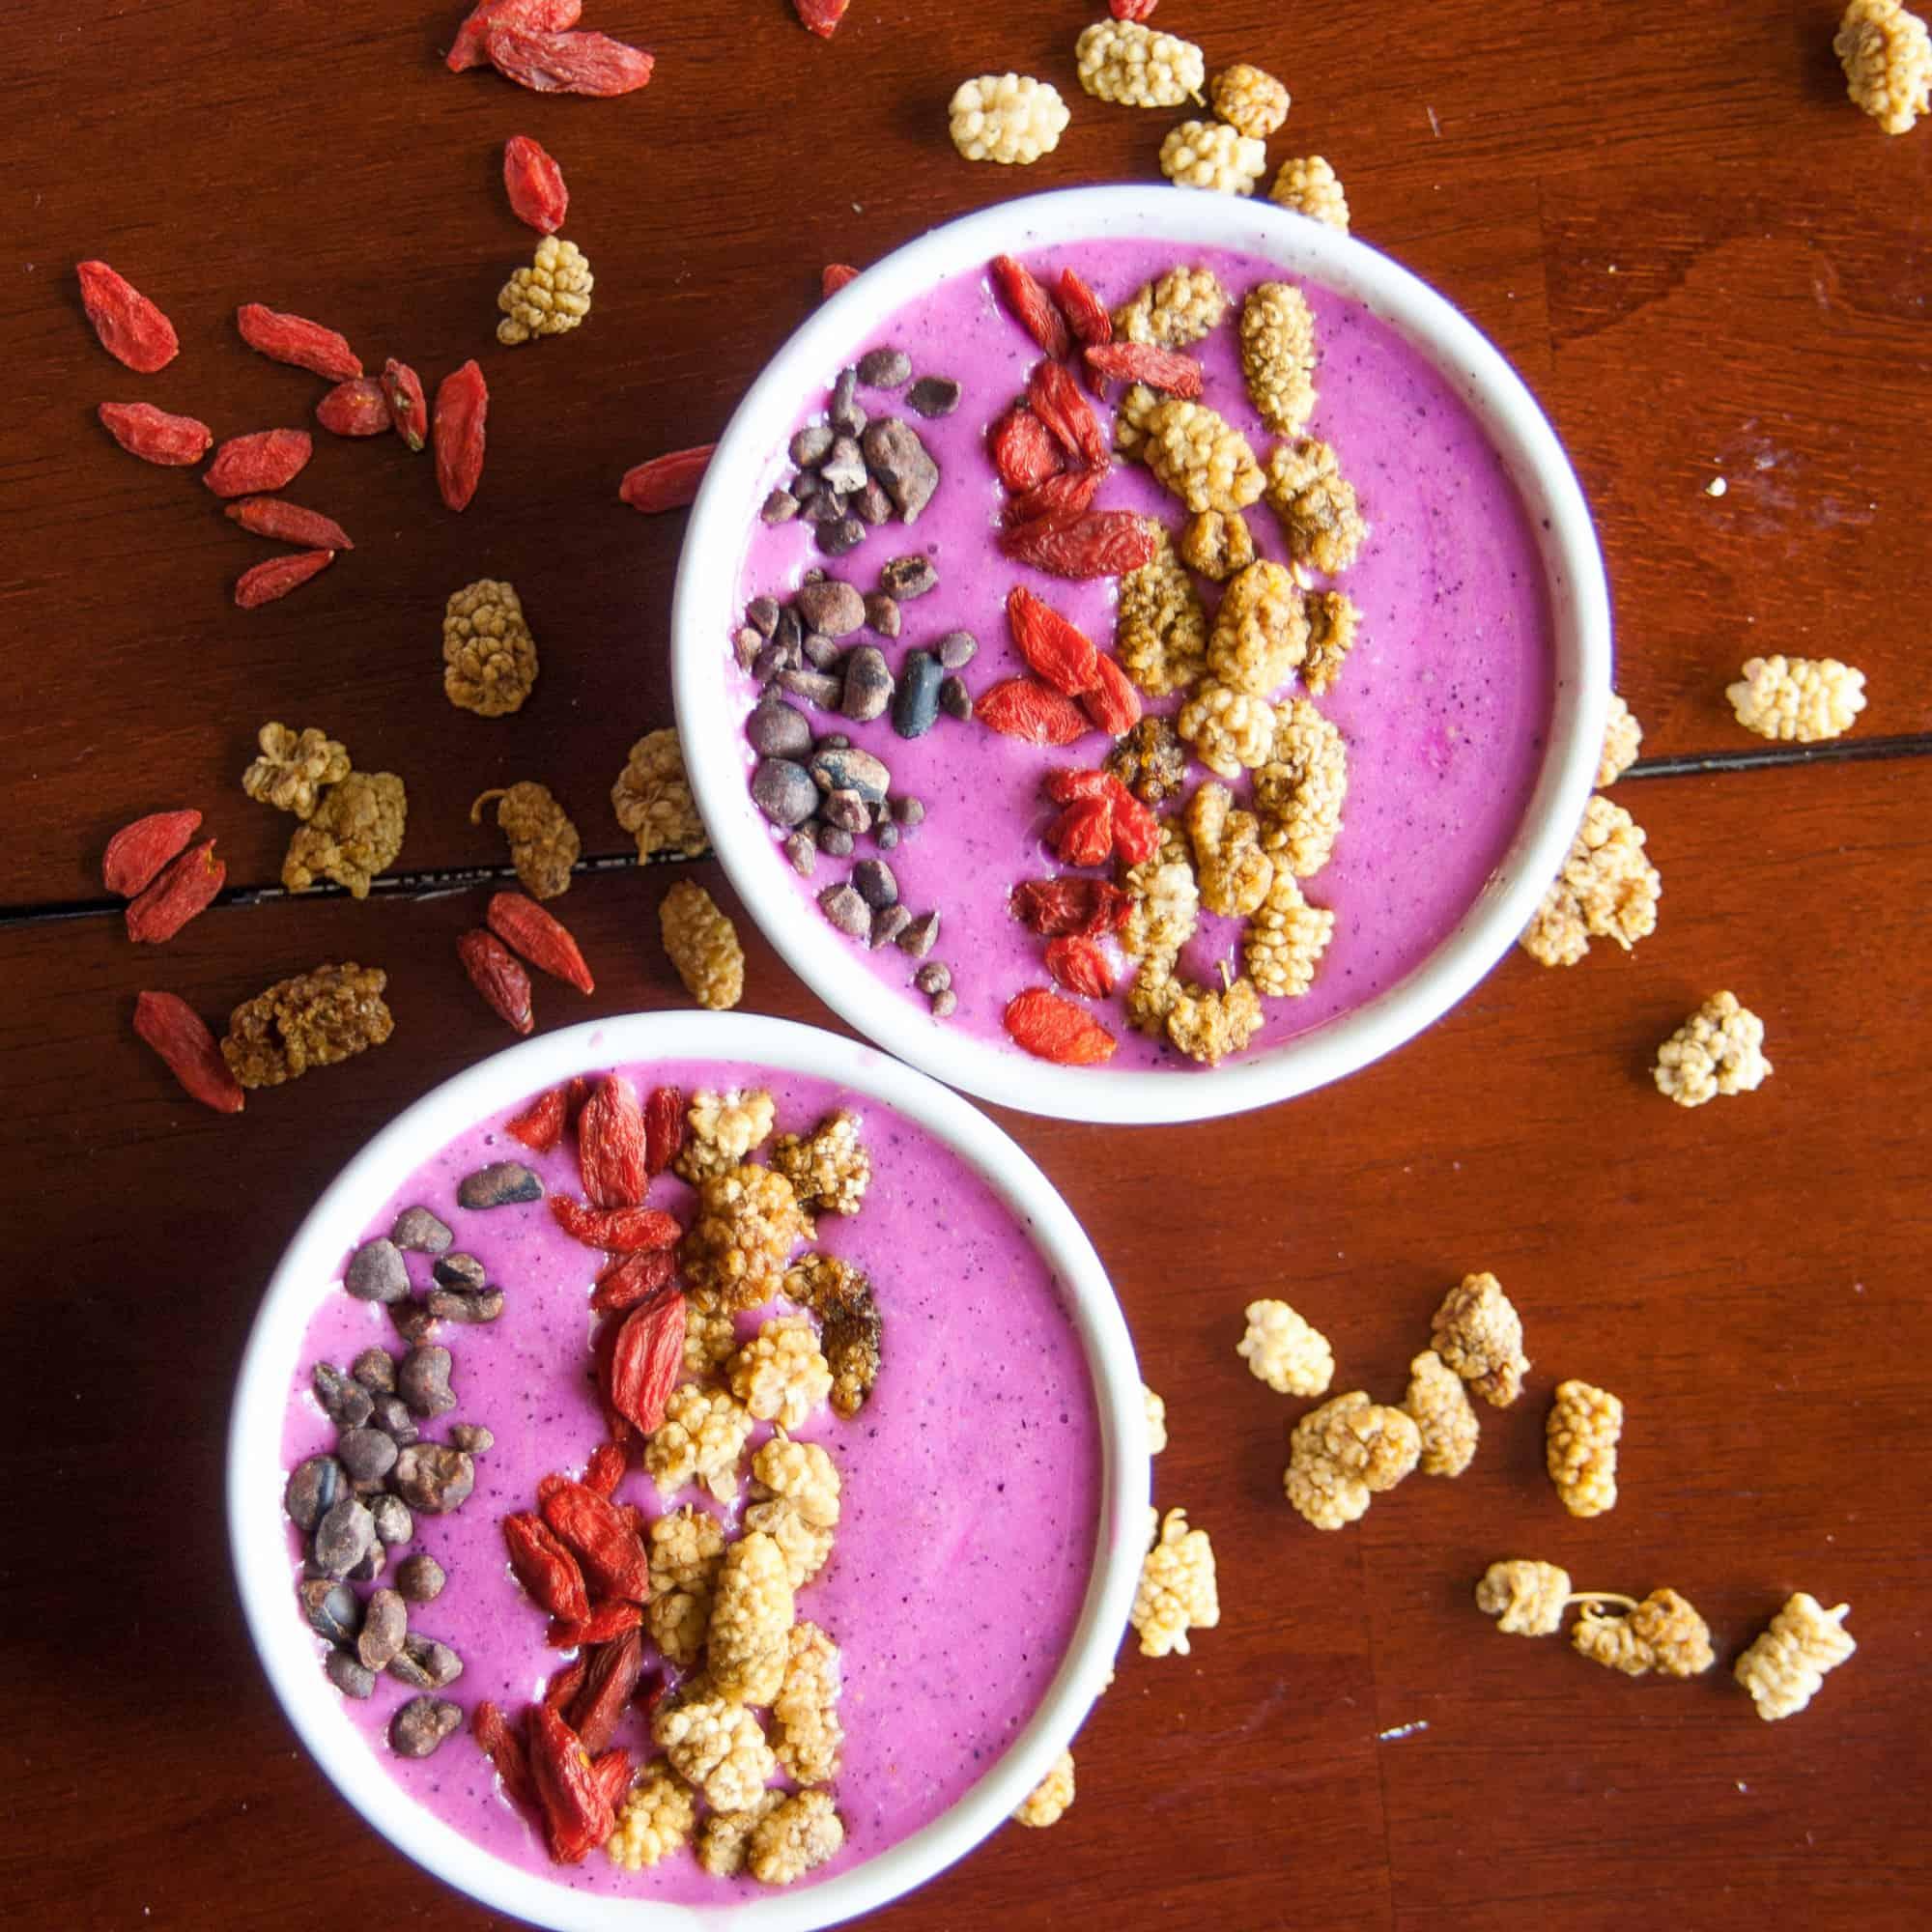 pink-pitaya-smoothie-bowl